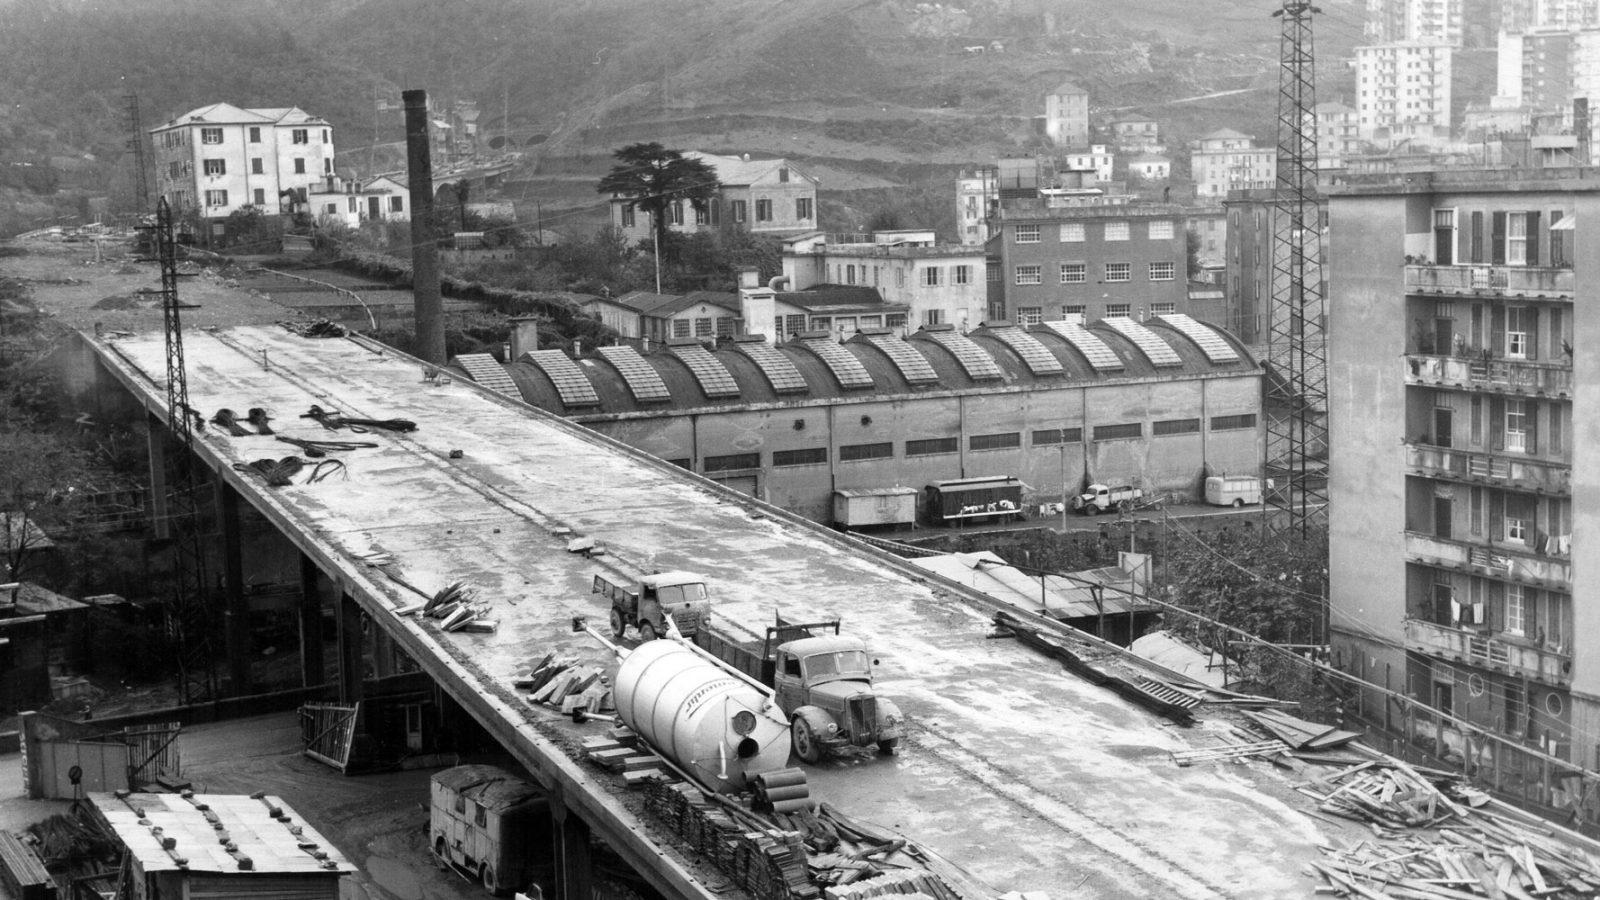 Autostrada A10 Genova-Savona, viadotto Chiaravagna in costruzione nel 1962 (Archivio storico Anas)